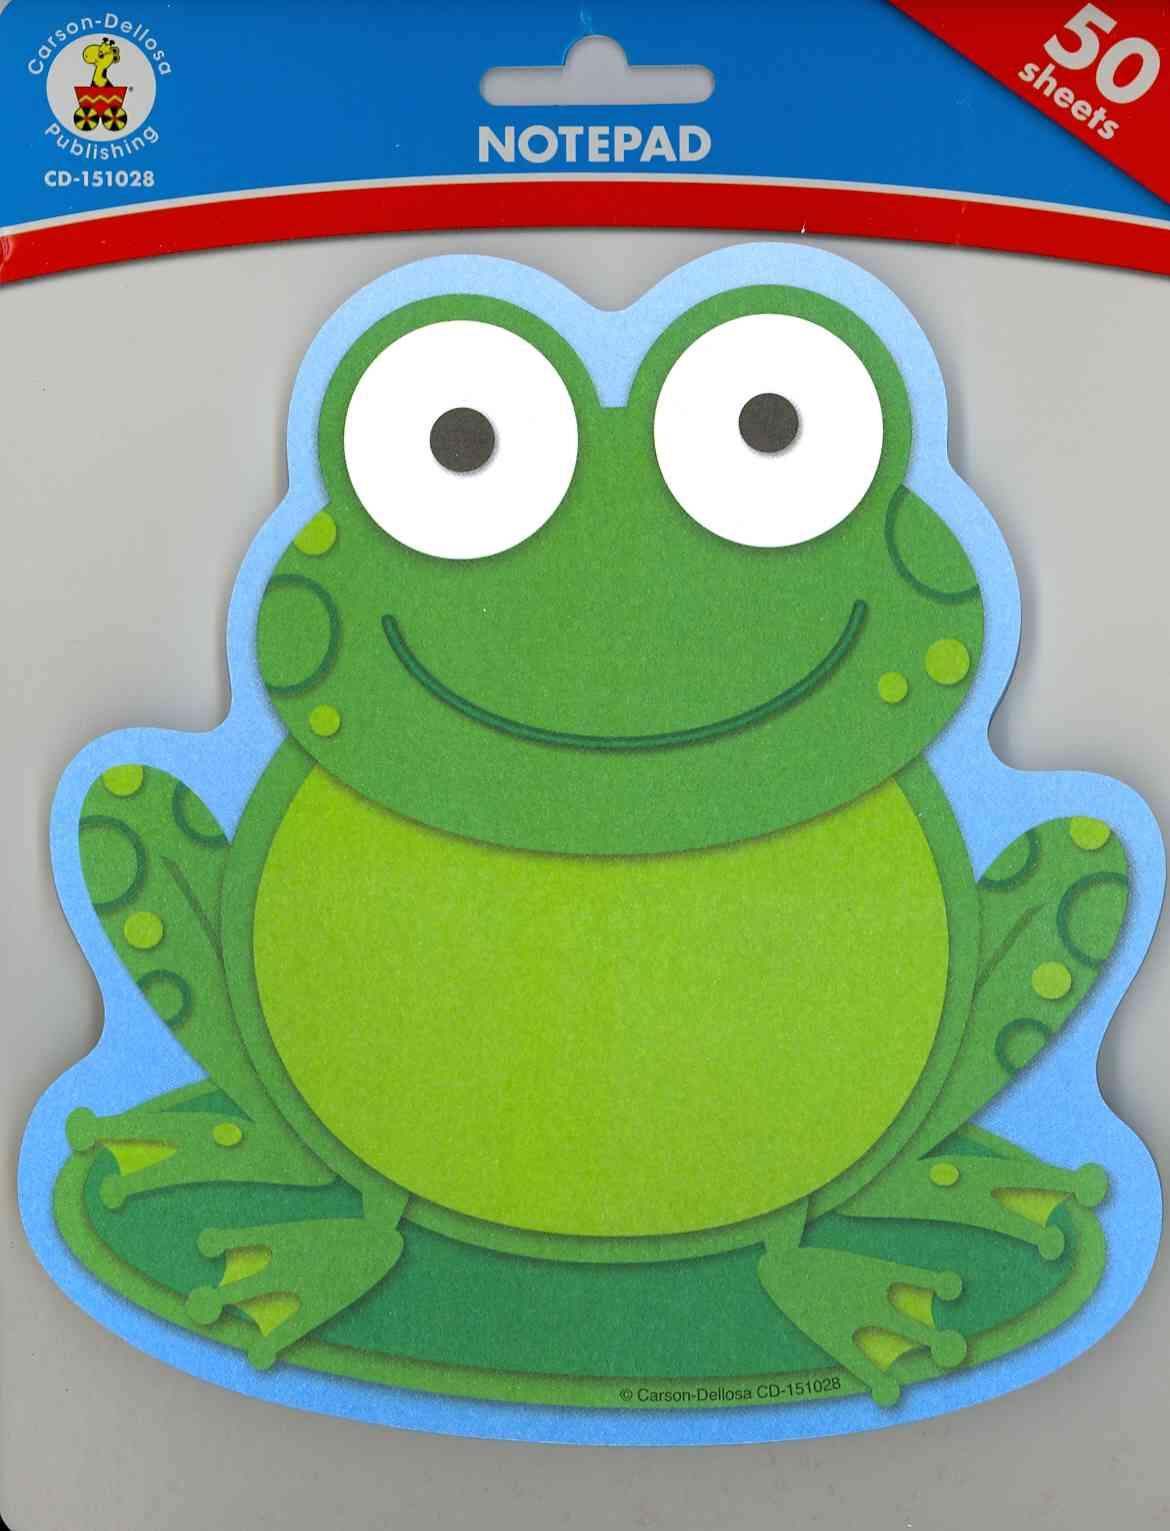 Frog By Carson-Dellosa Publishing Company, Inc. (COM)